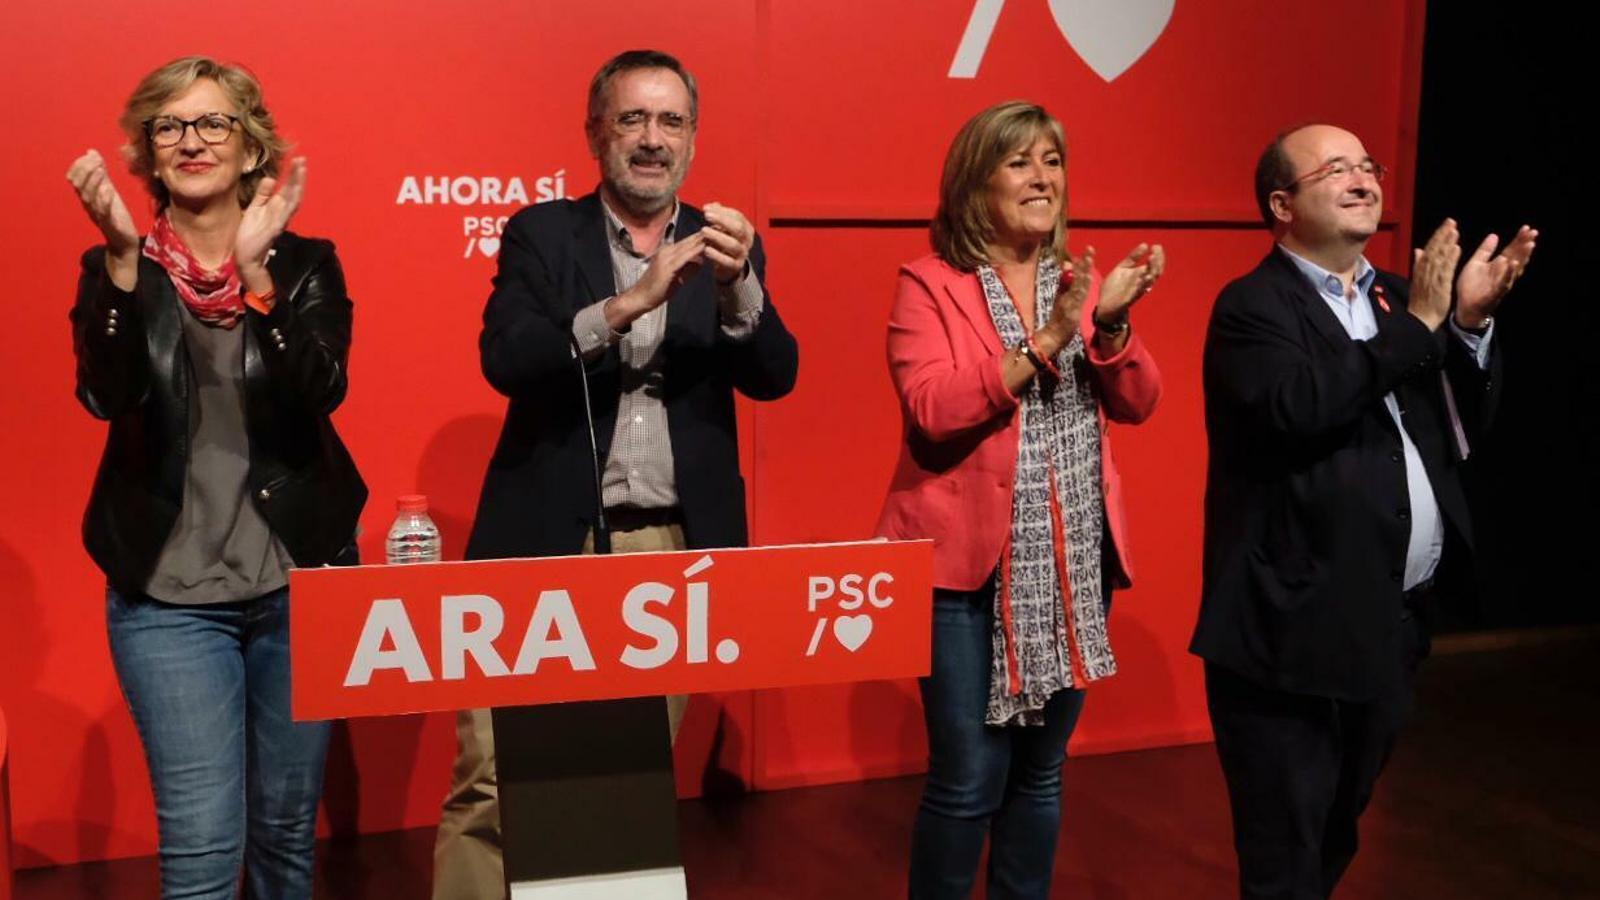 El PSC rema amb Sánchez per aconseguir la 'pole position' a les catalanes